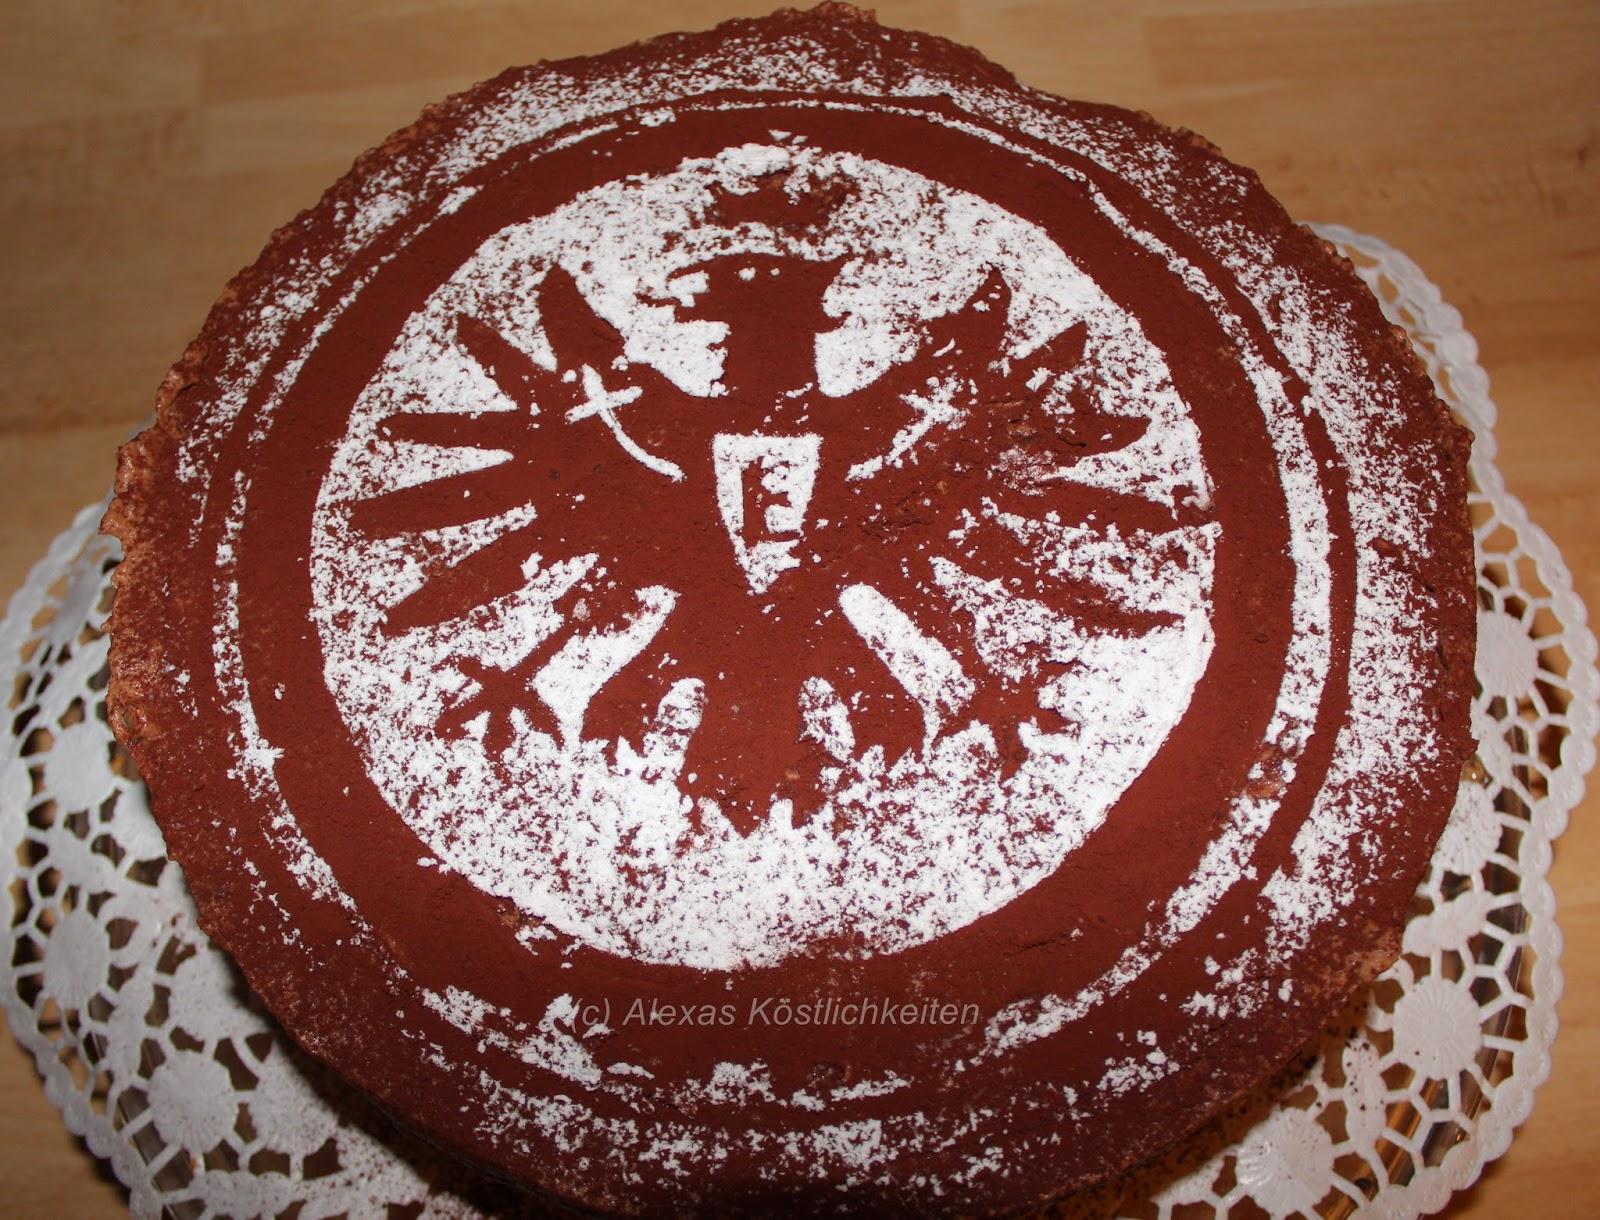 Alexa s k stlichkeiten geburtstagsgeschenk eintracht for Kuchen frankfurt